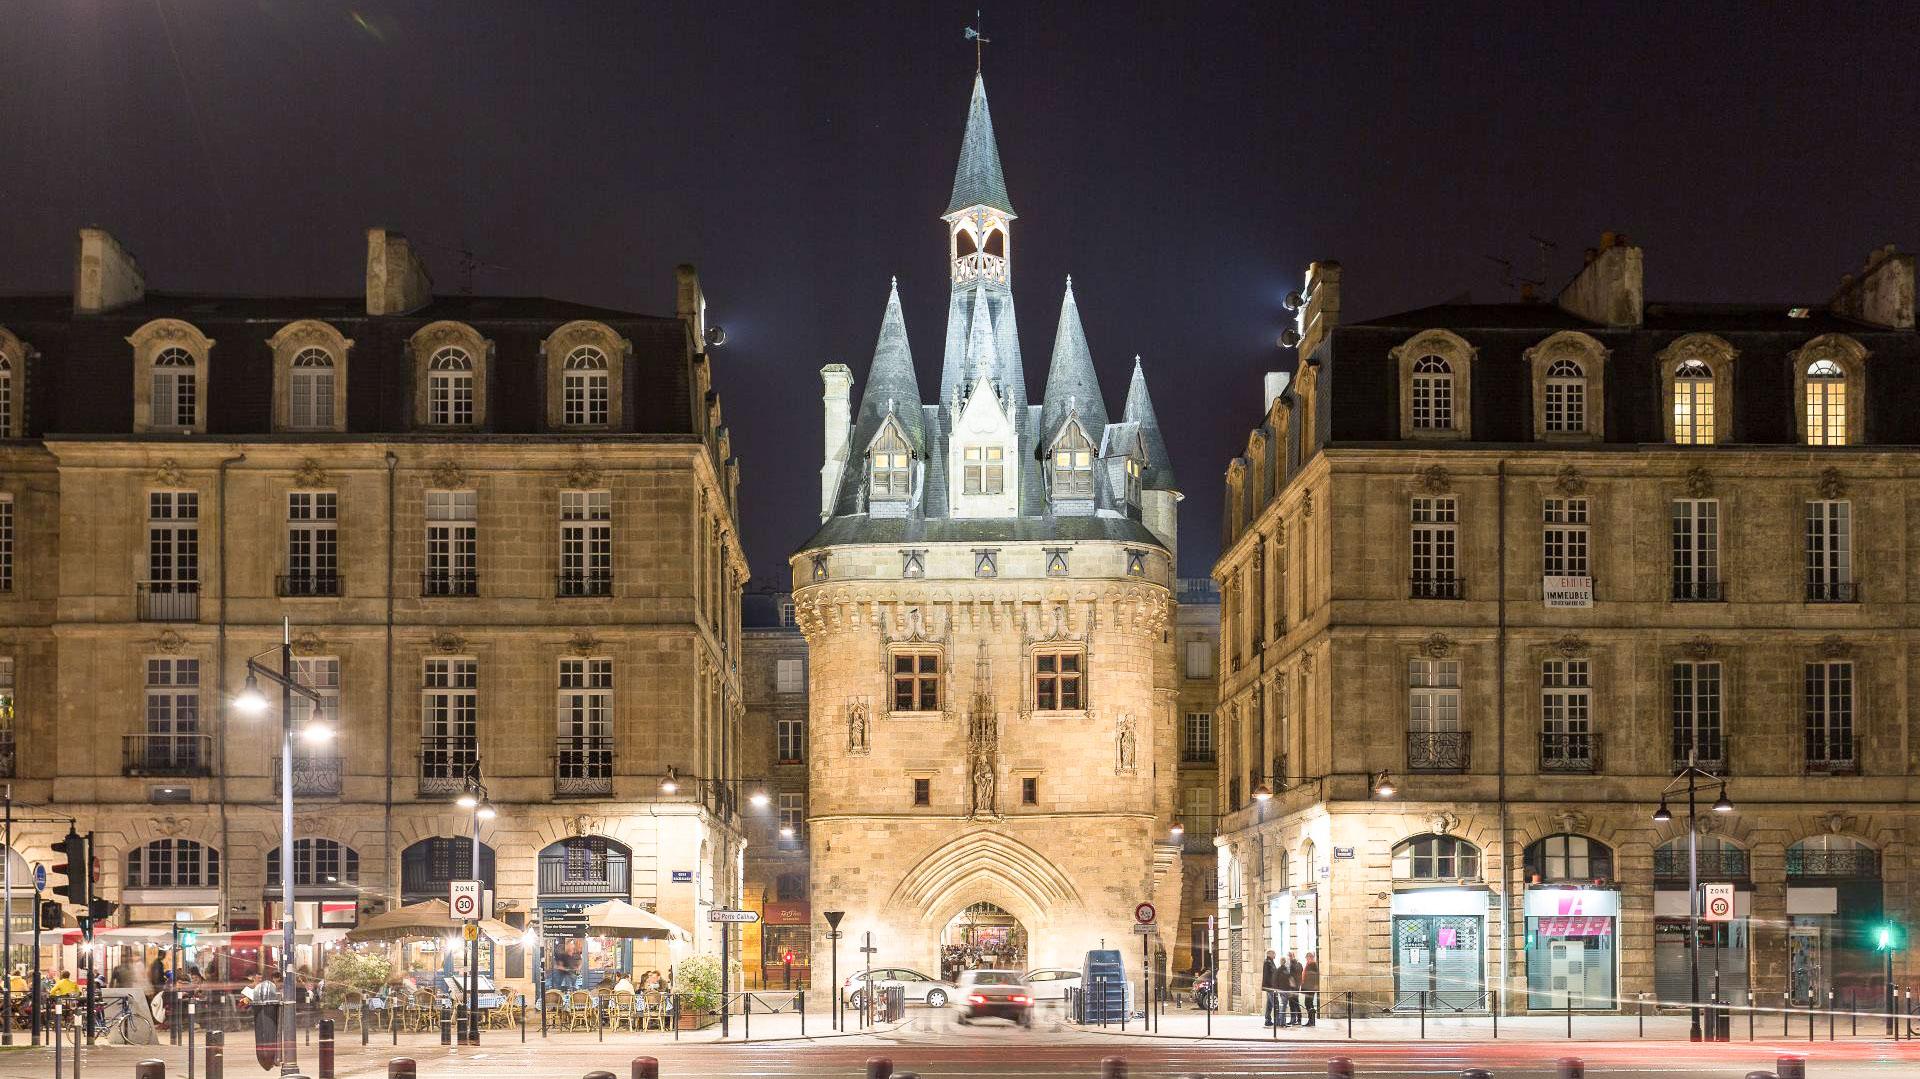 Pour finir mon circuit Bordeaux en 1 jour voici la Porte cailhot